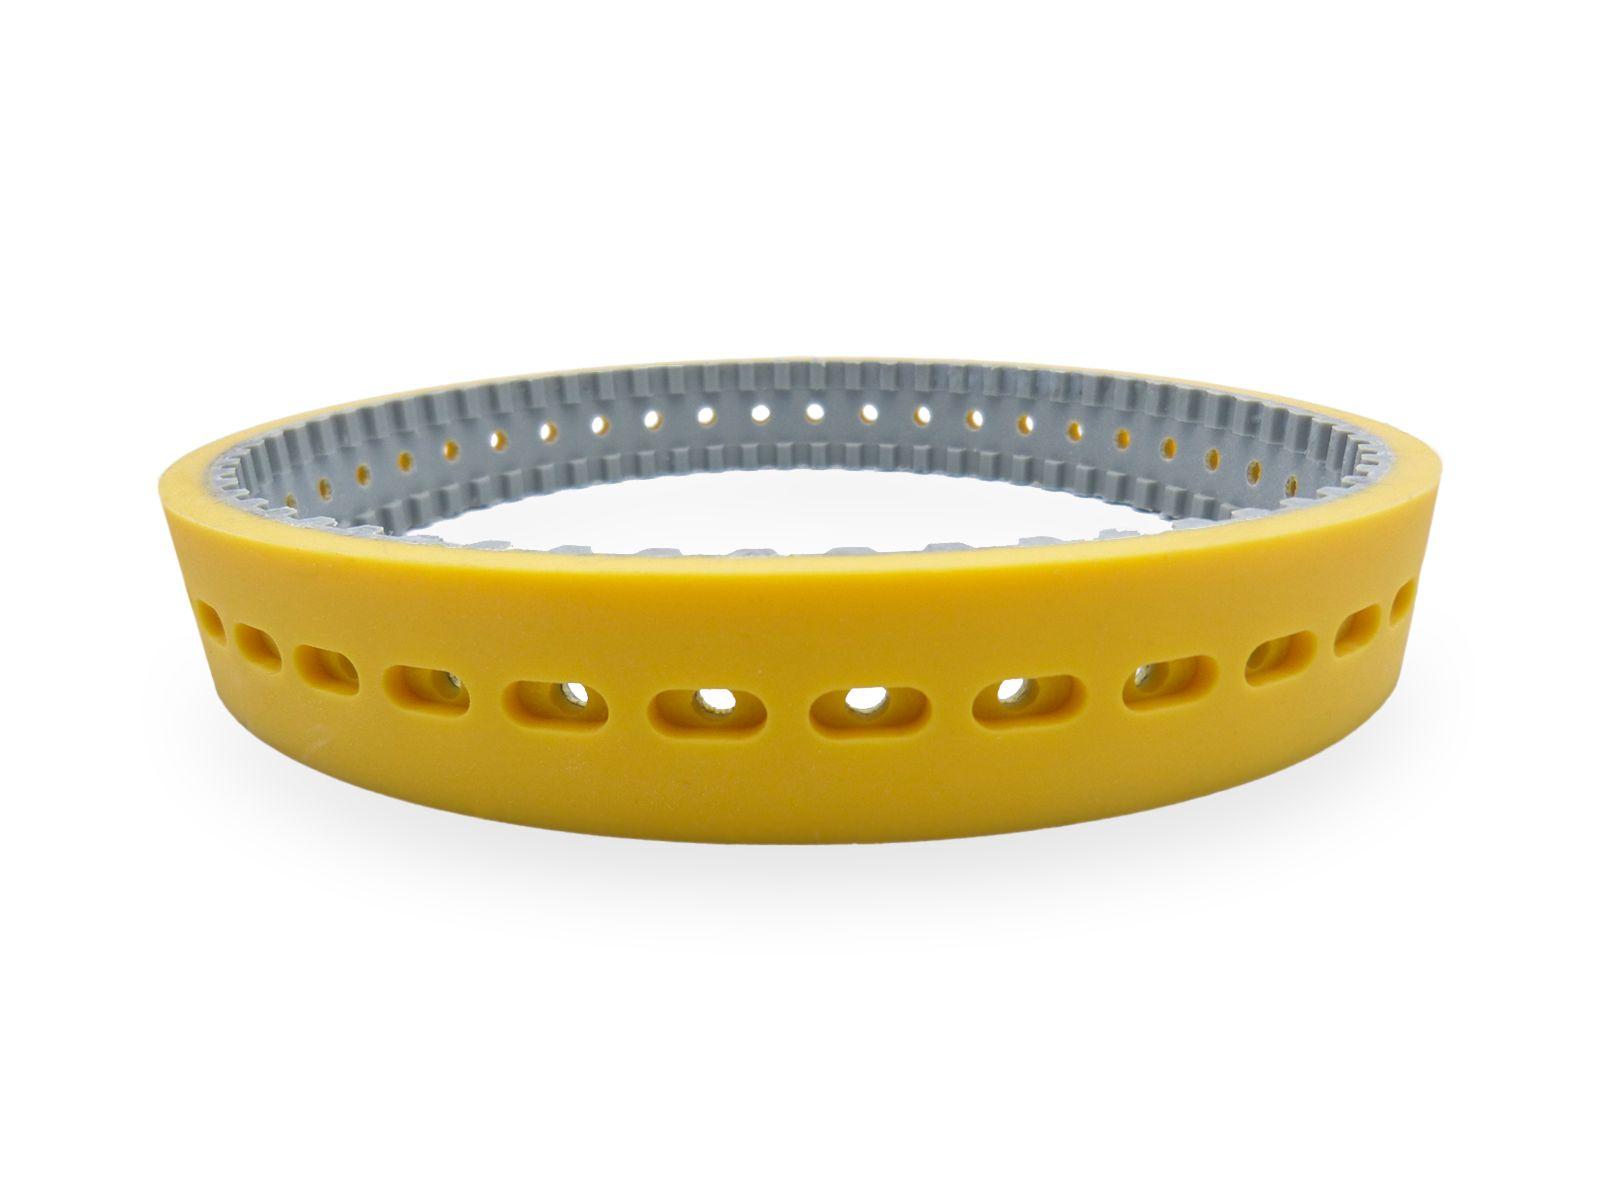 Con cinghie ad asole strette è possibile trainare su tubi di piccolo diametro